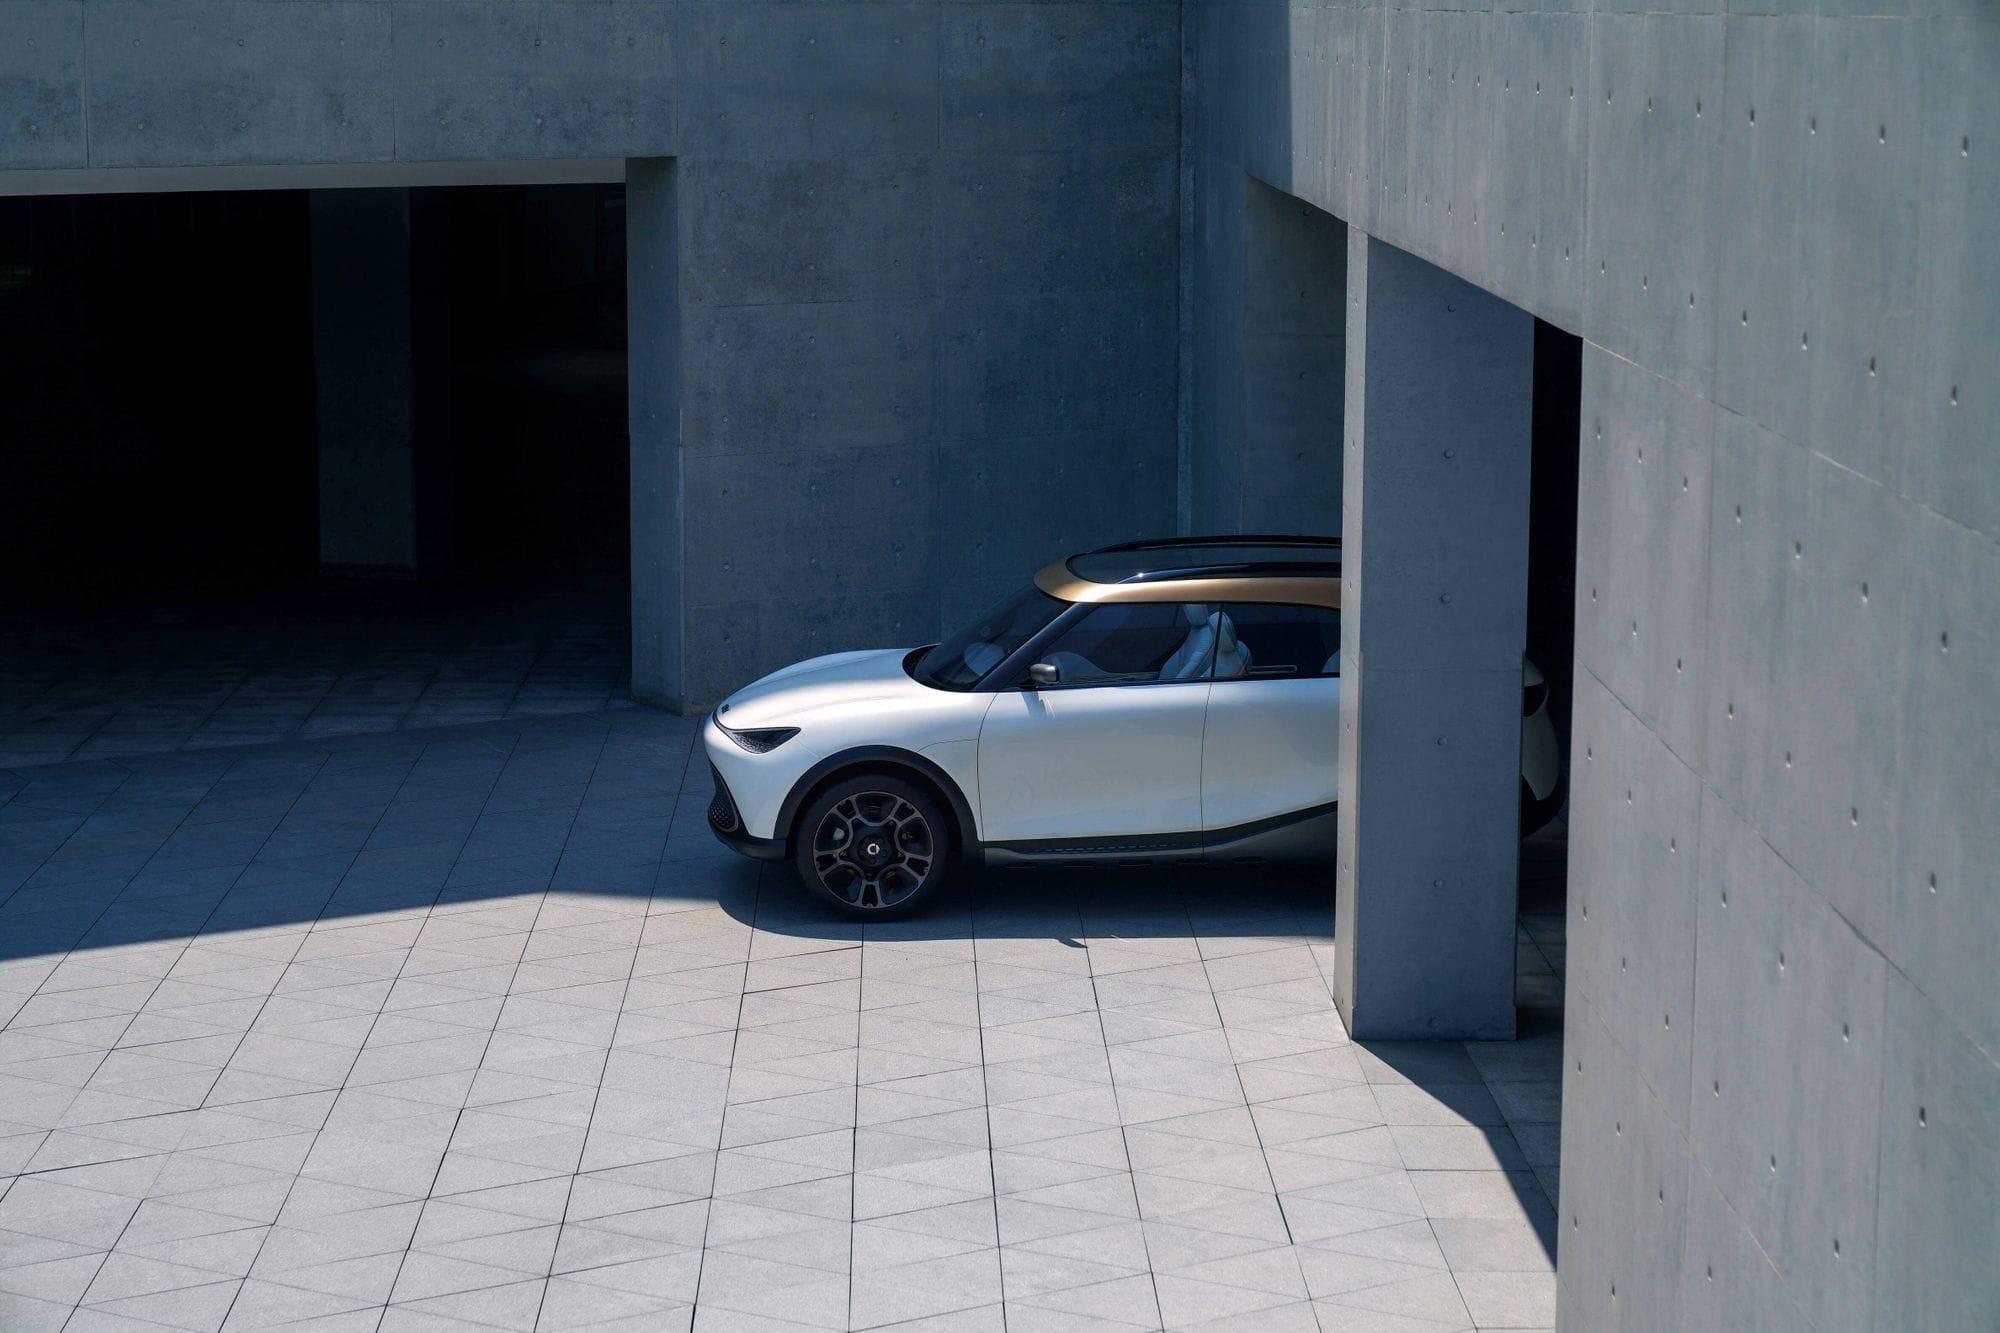 Λευκό αυτοκίνητο από το πλάι